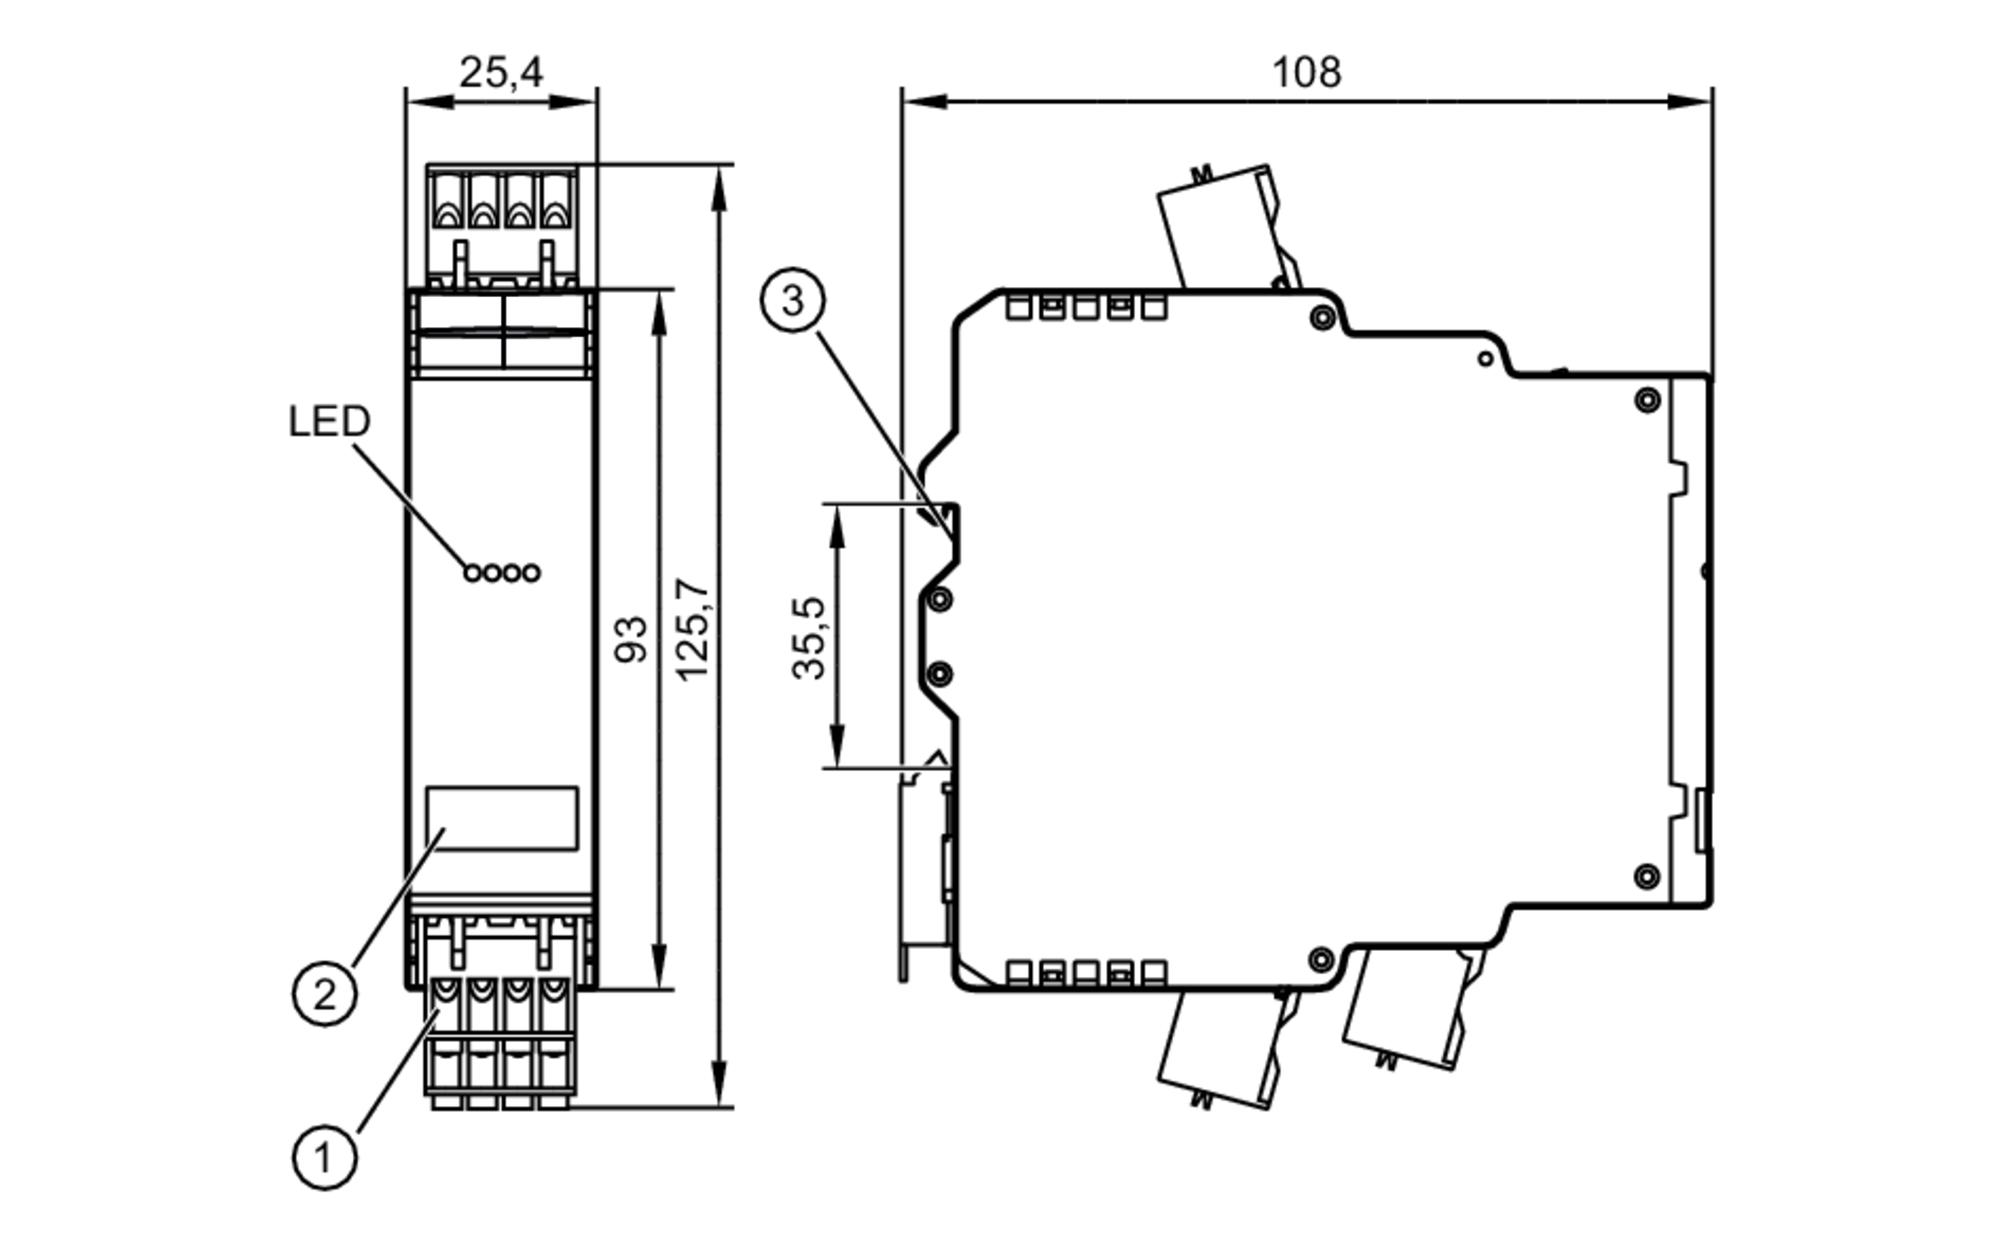 ac3226 - r u00e9p u00e9teur as-interface